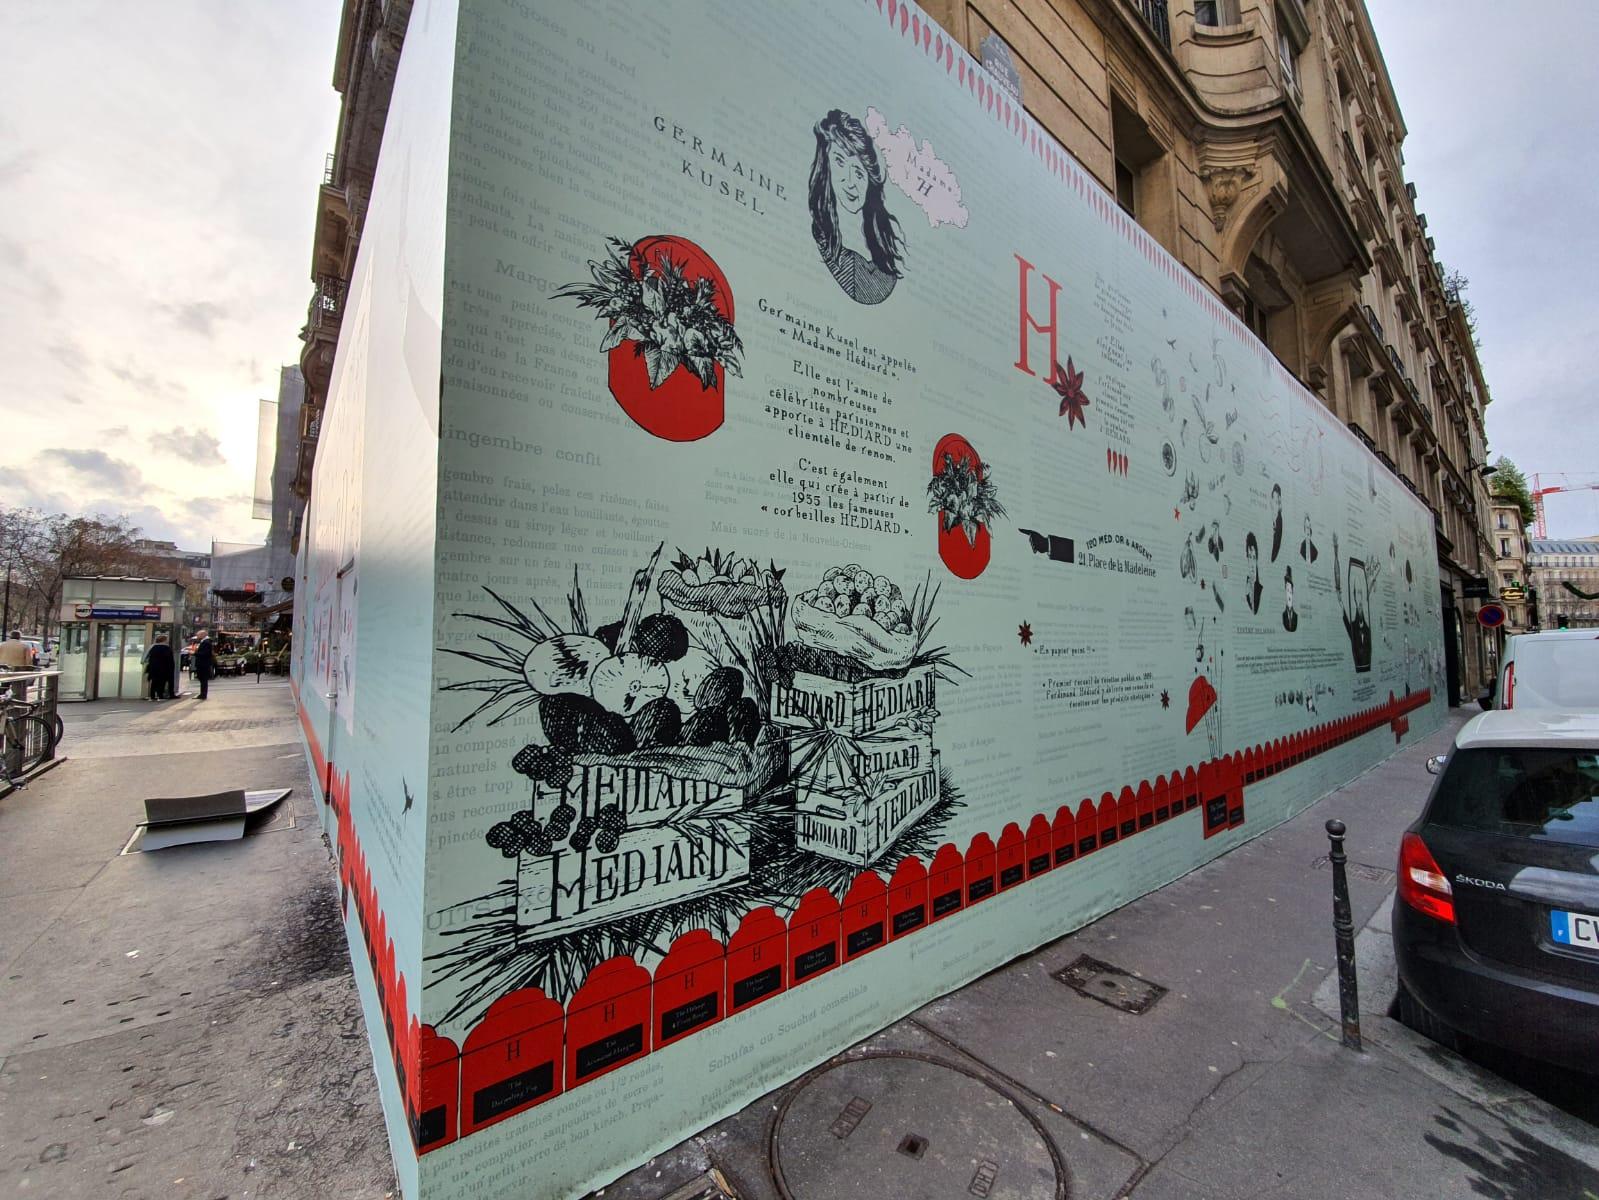 Réalisation de la bâche de chantier Hédiard en collaboration avec l'illustratrice Gail Gosschalk